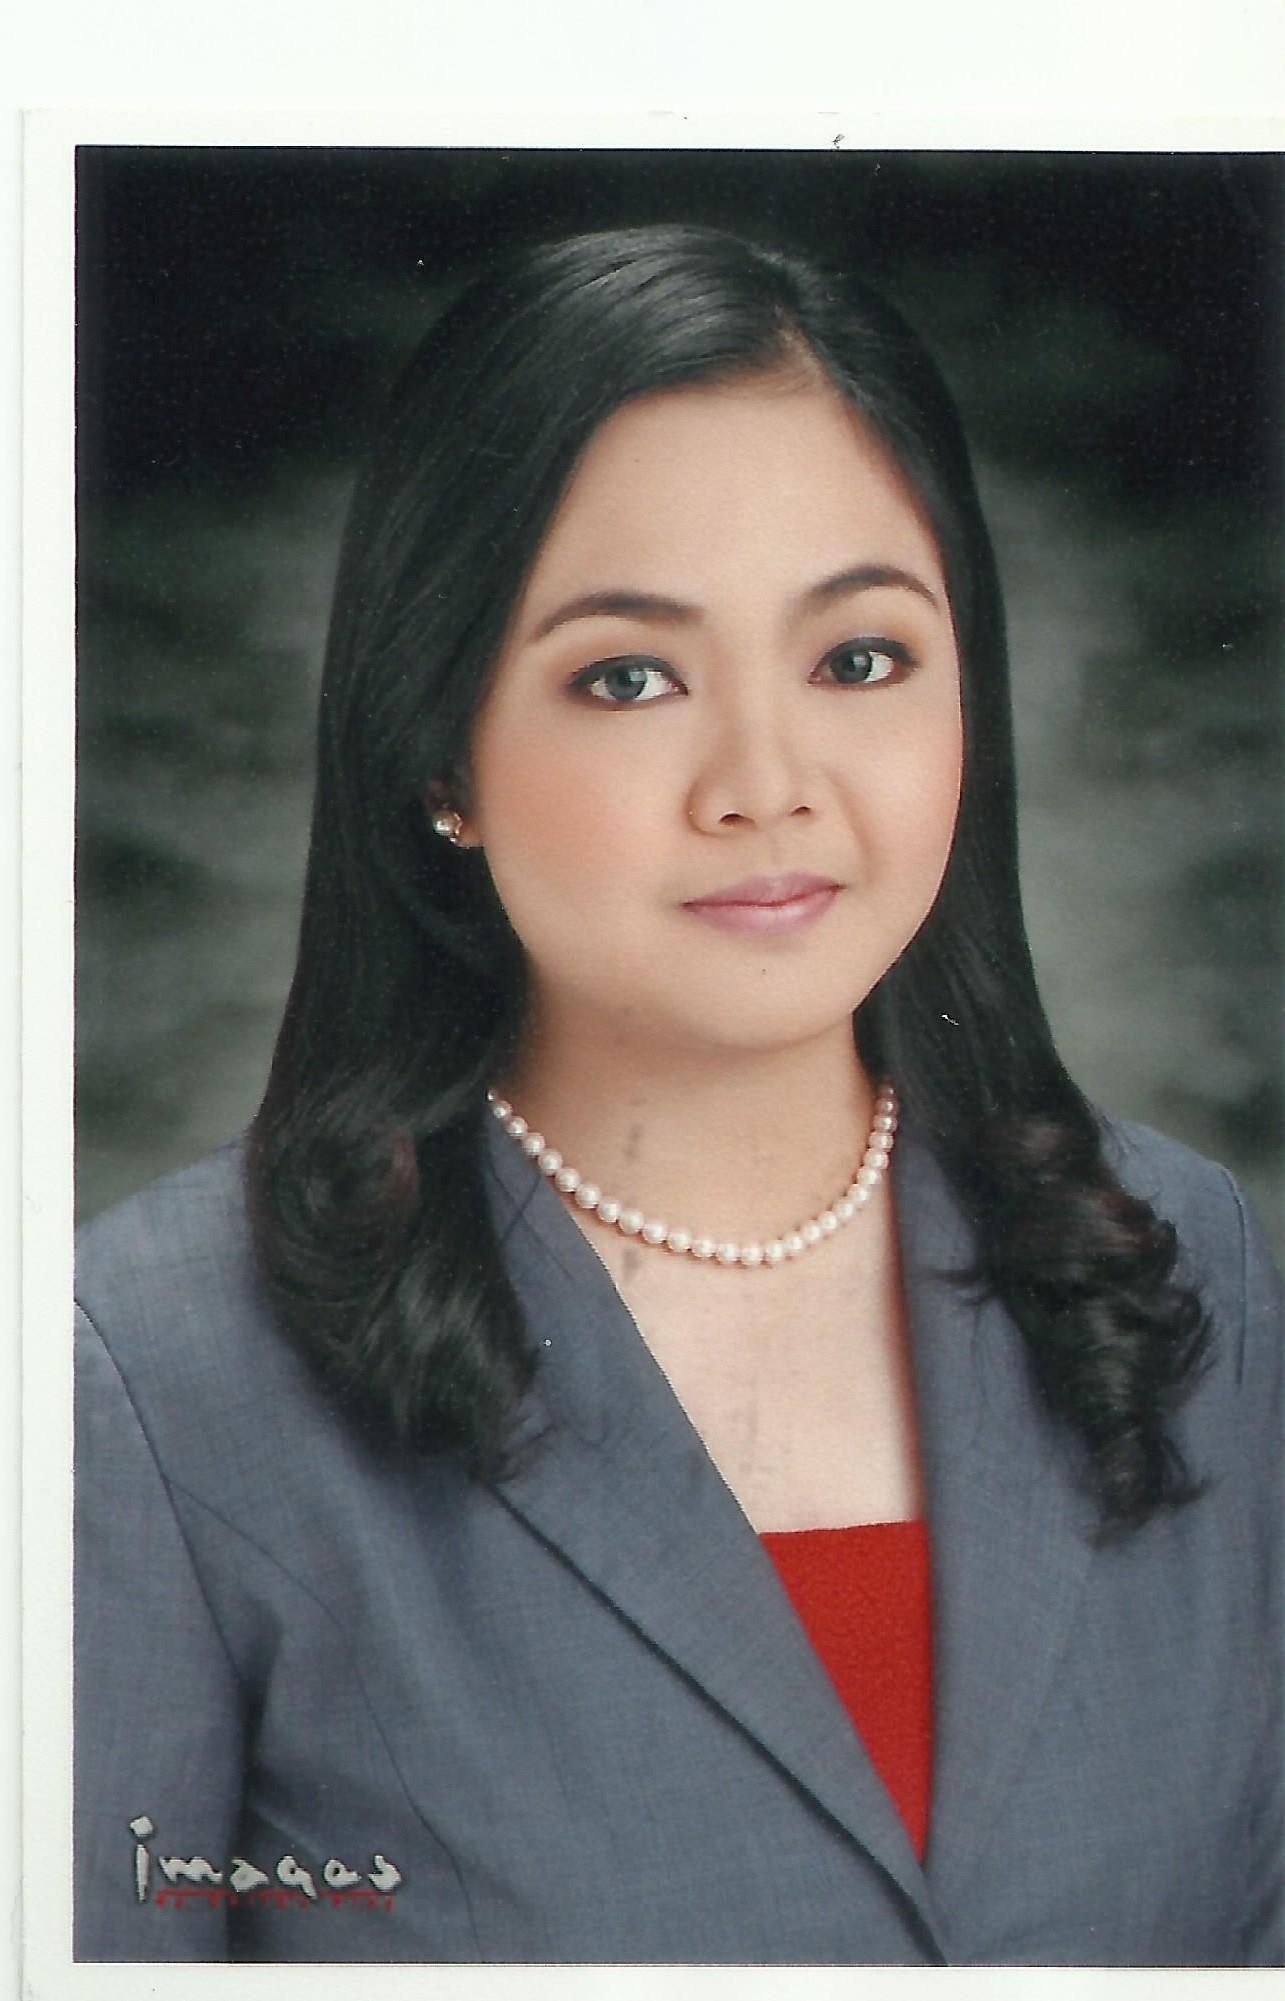 Jessica Aevan Baquiran Santamaria